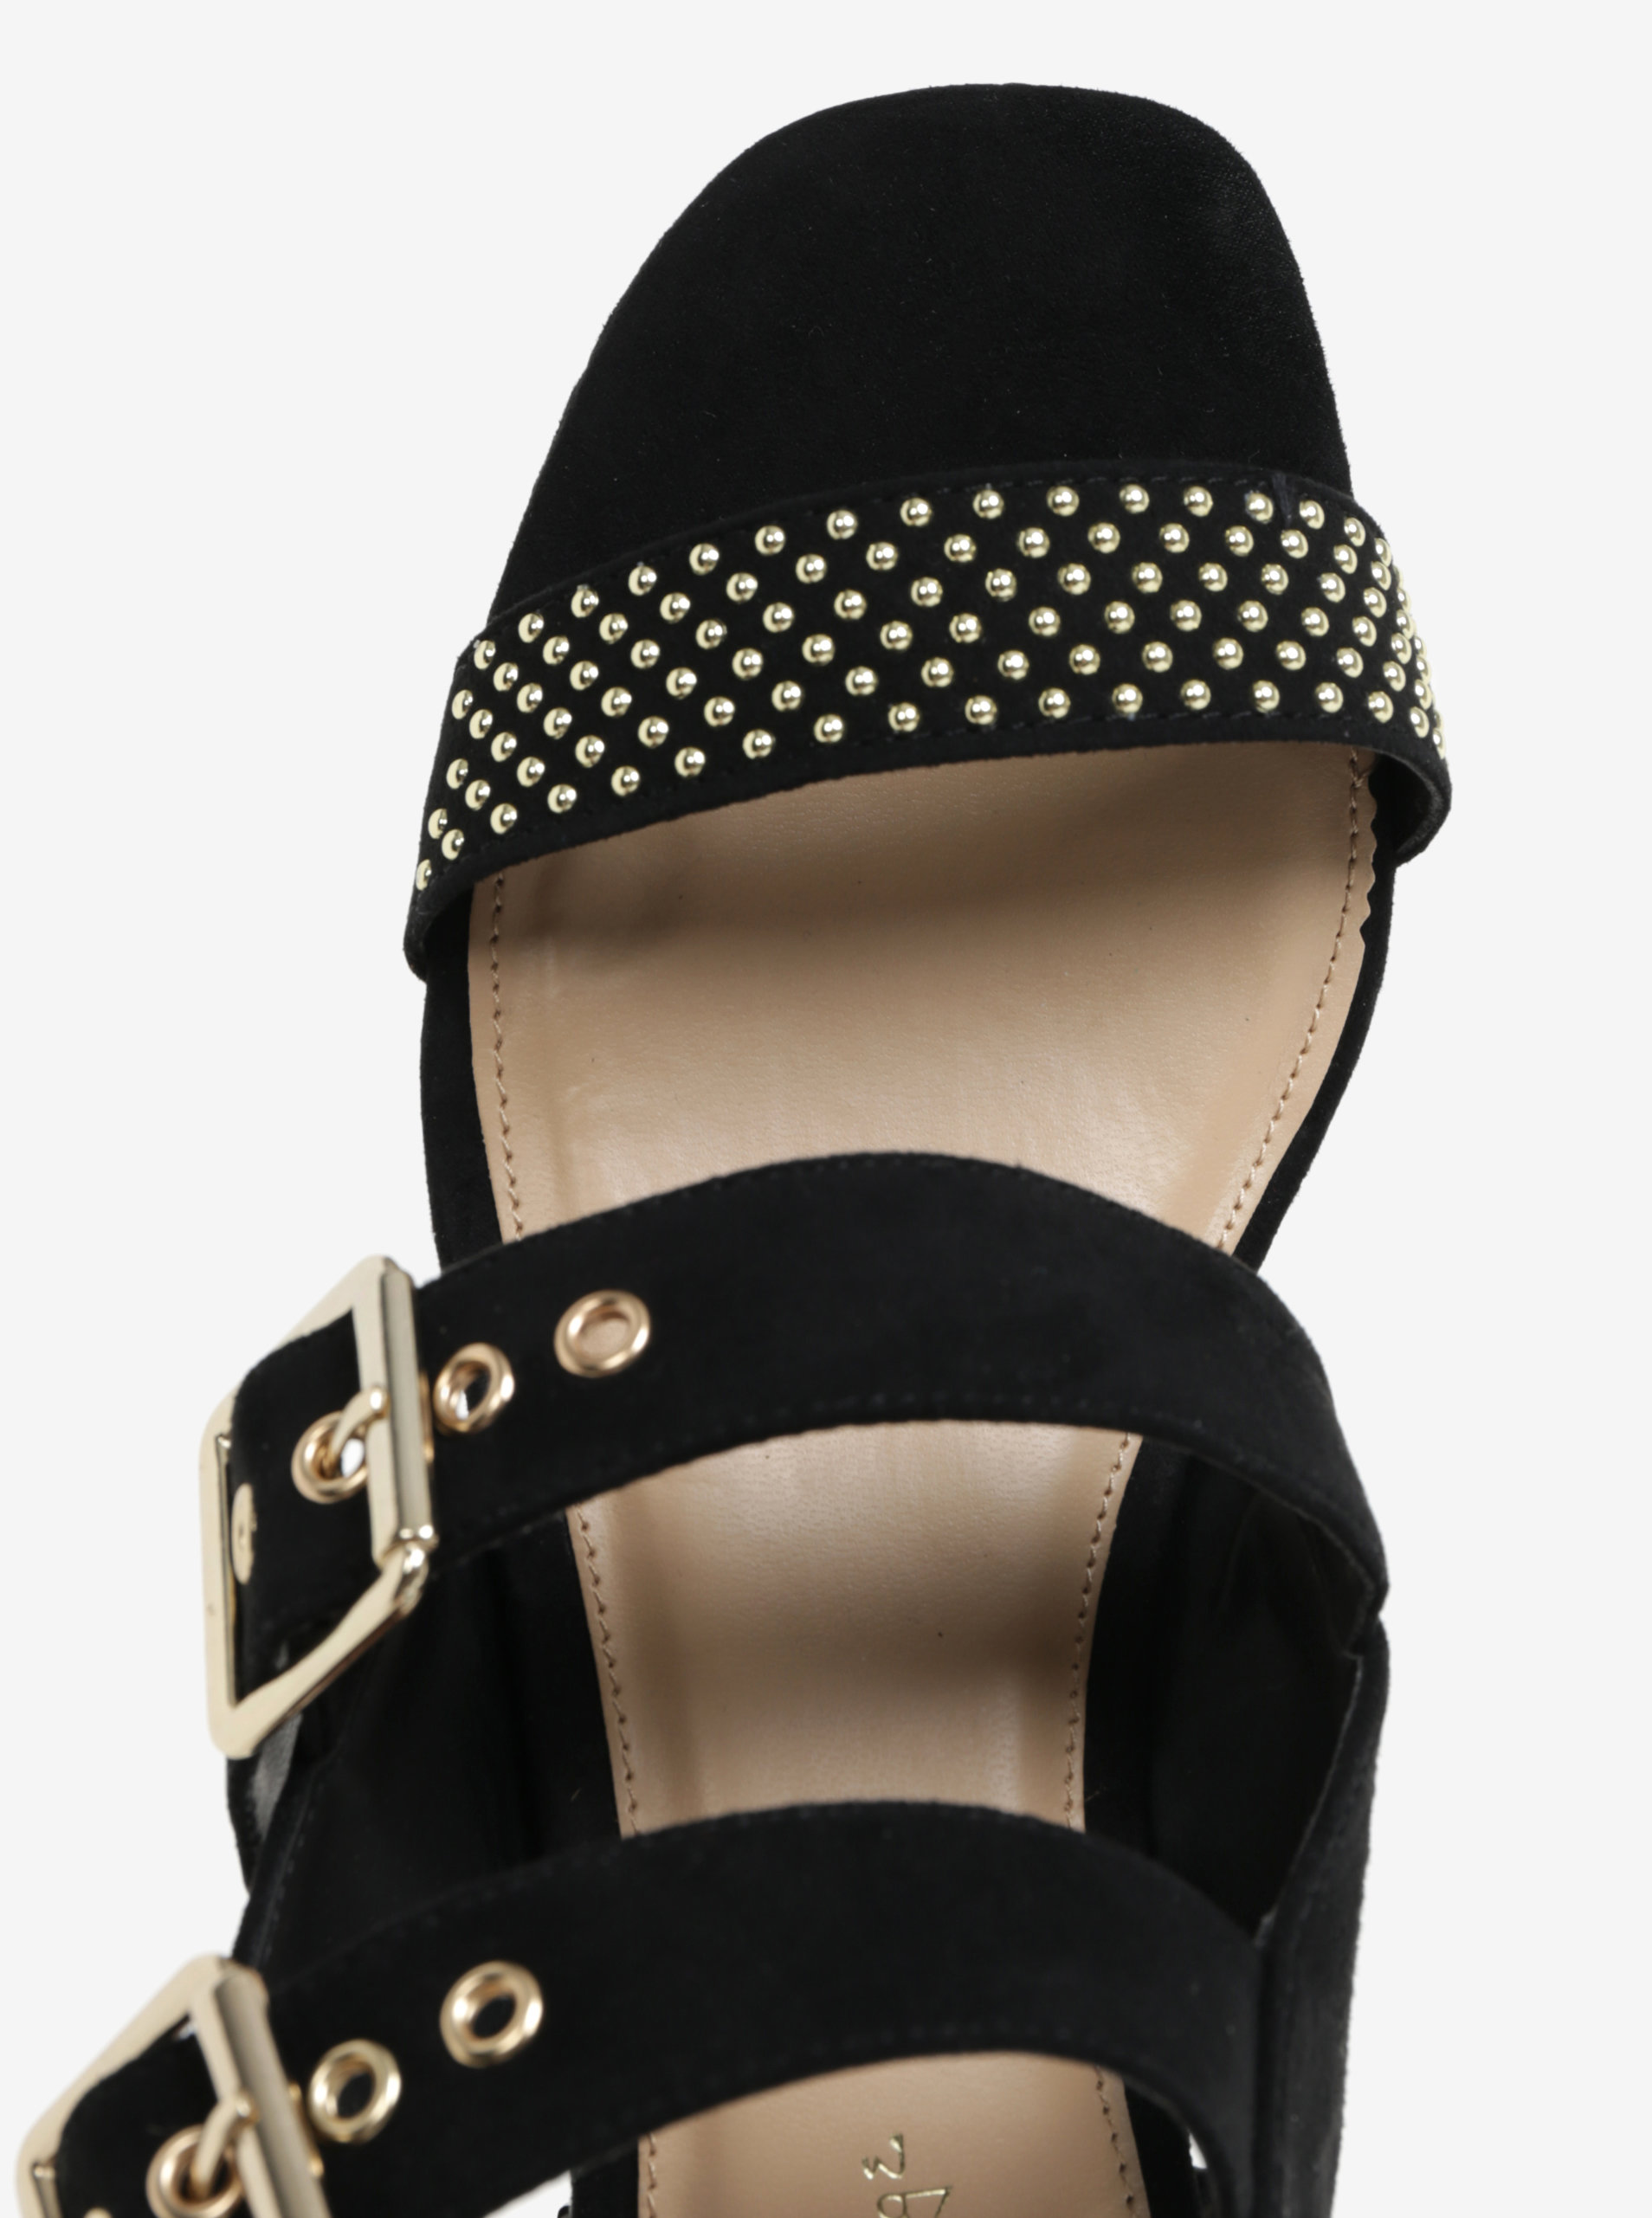 b5c1180a3446 Čierne sandále v semišovej úprave s detailmi v zlatej farbe miss Selfridge  ...